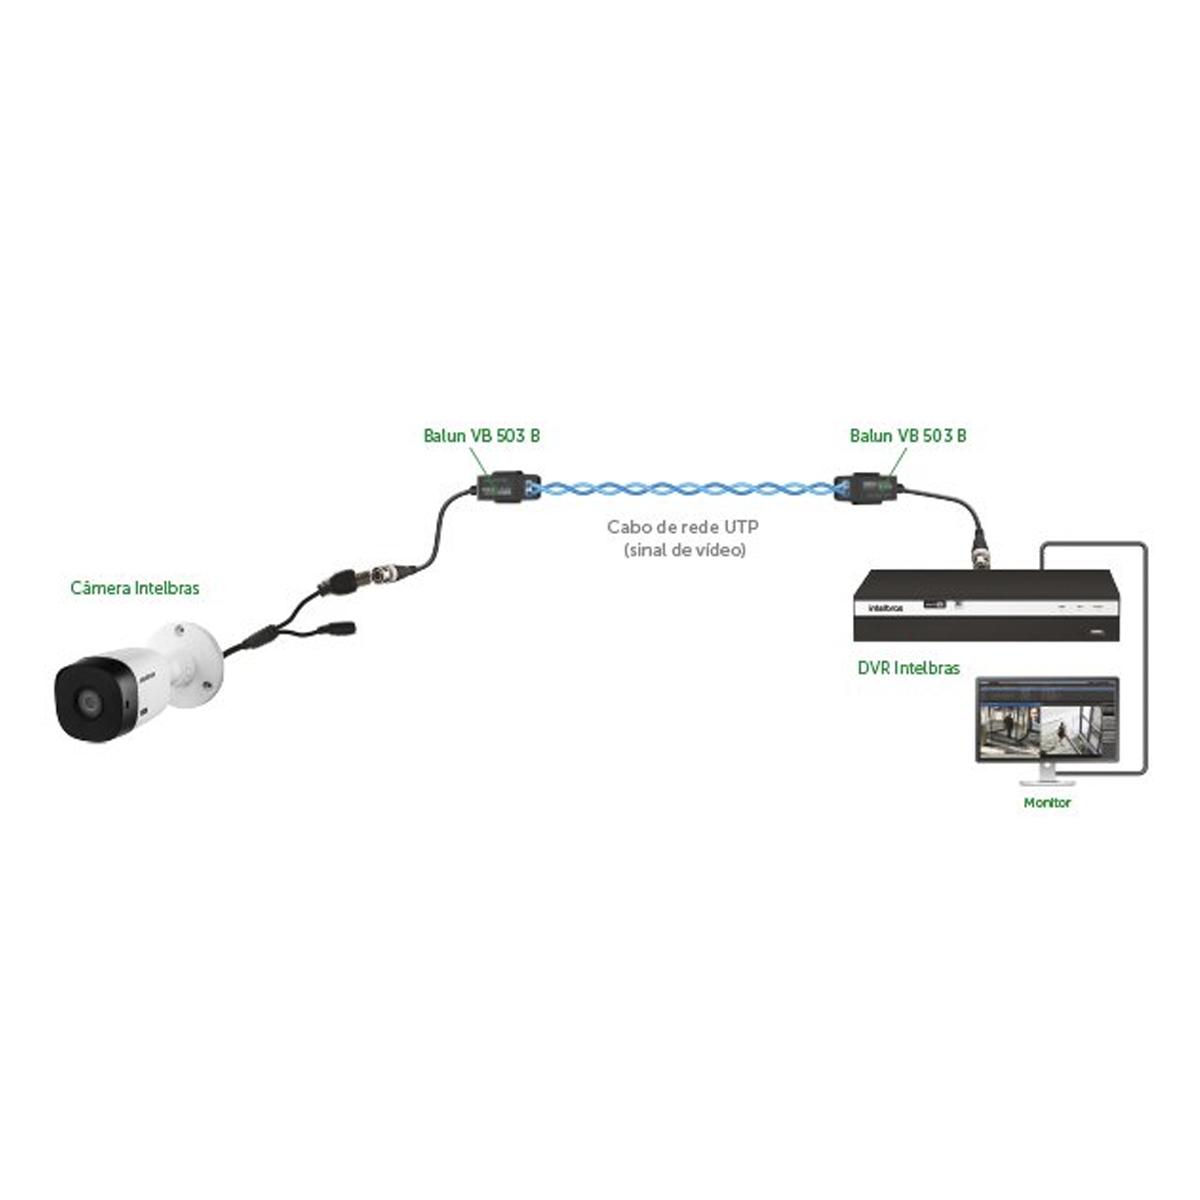 Conversor Balun Passivo Intelbras VB 503 B - Compatíveis com Analógicas HD, Full HD, 4MP e 4K  - Tudo Forte